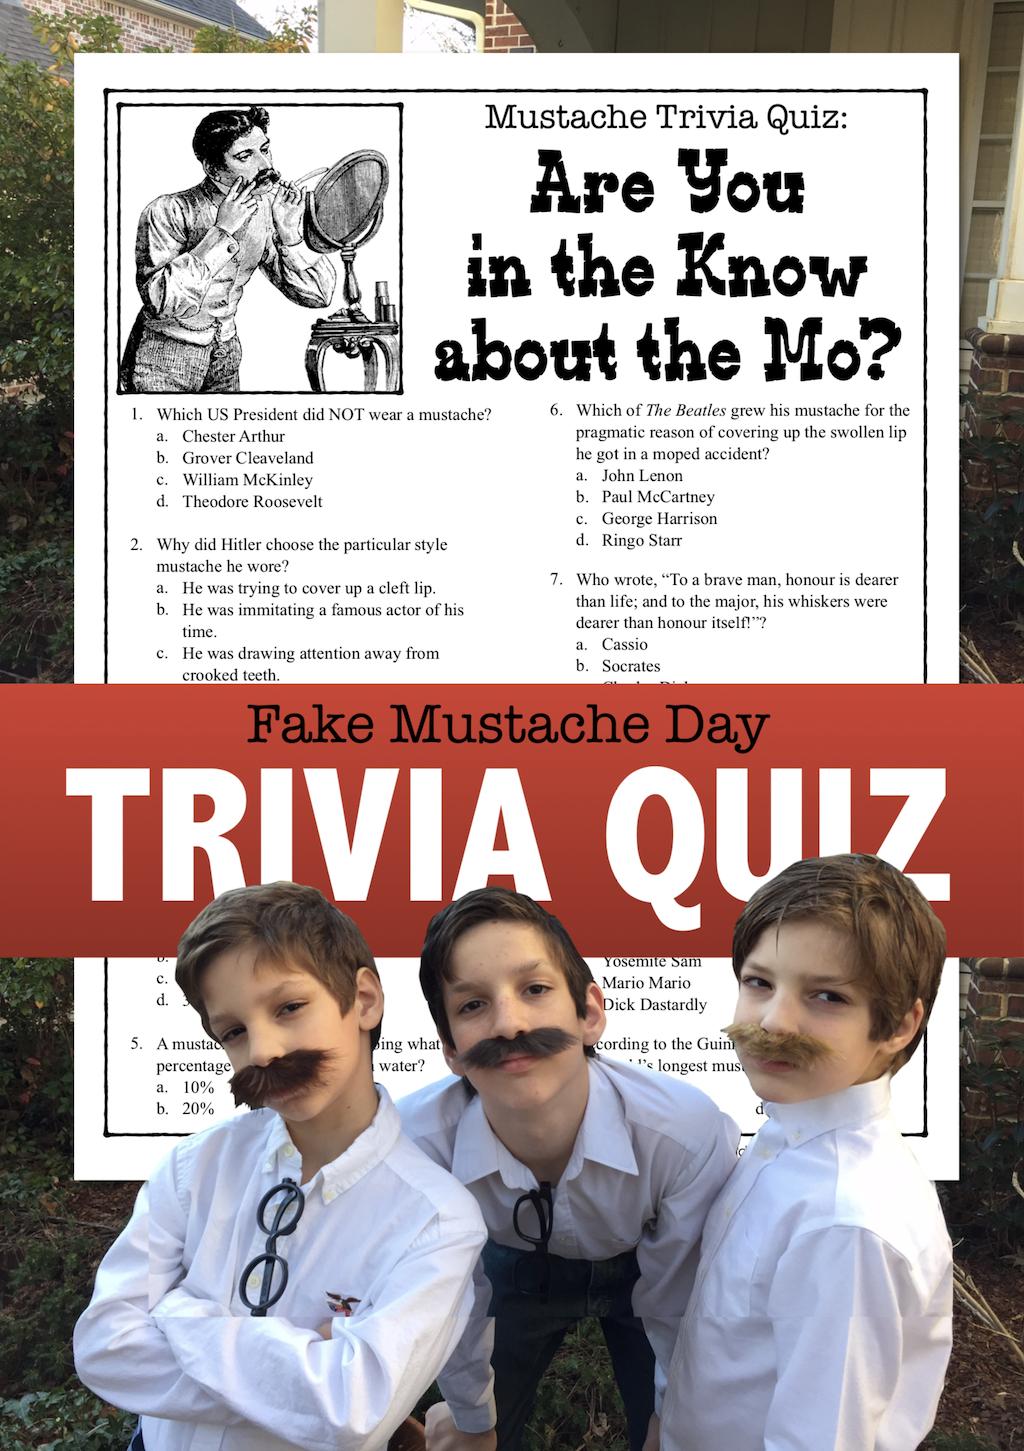 Fake Mustache Day Trivia Quiz